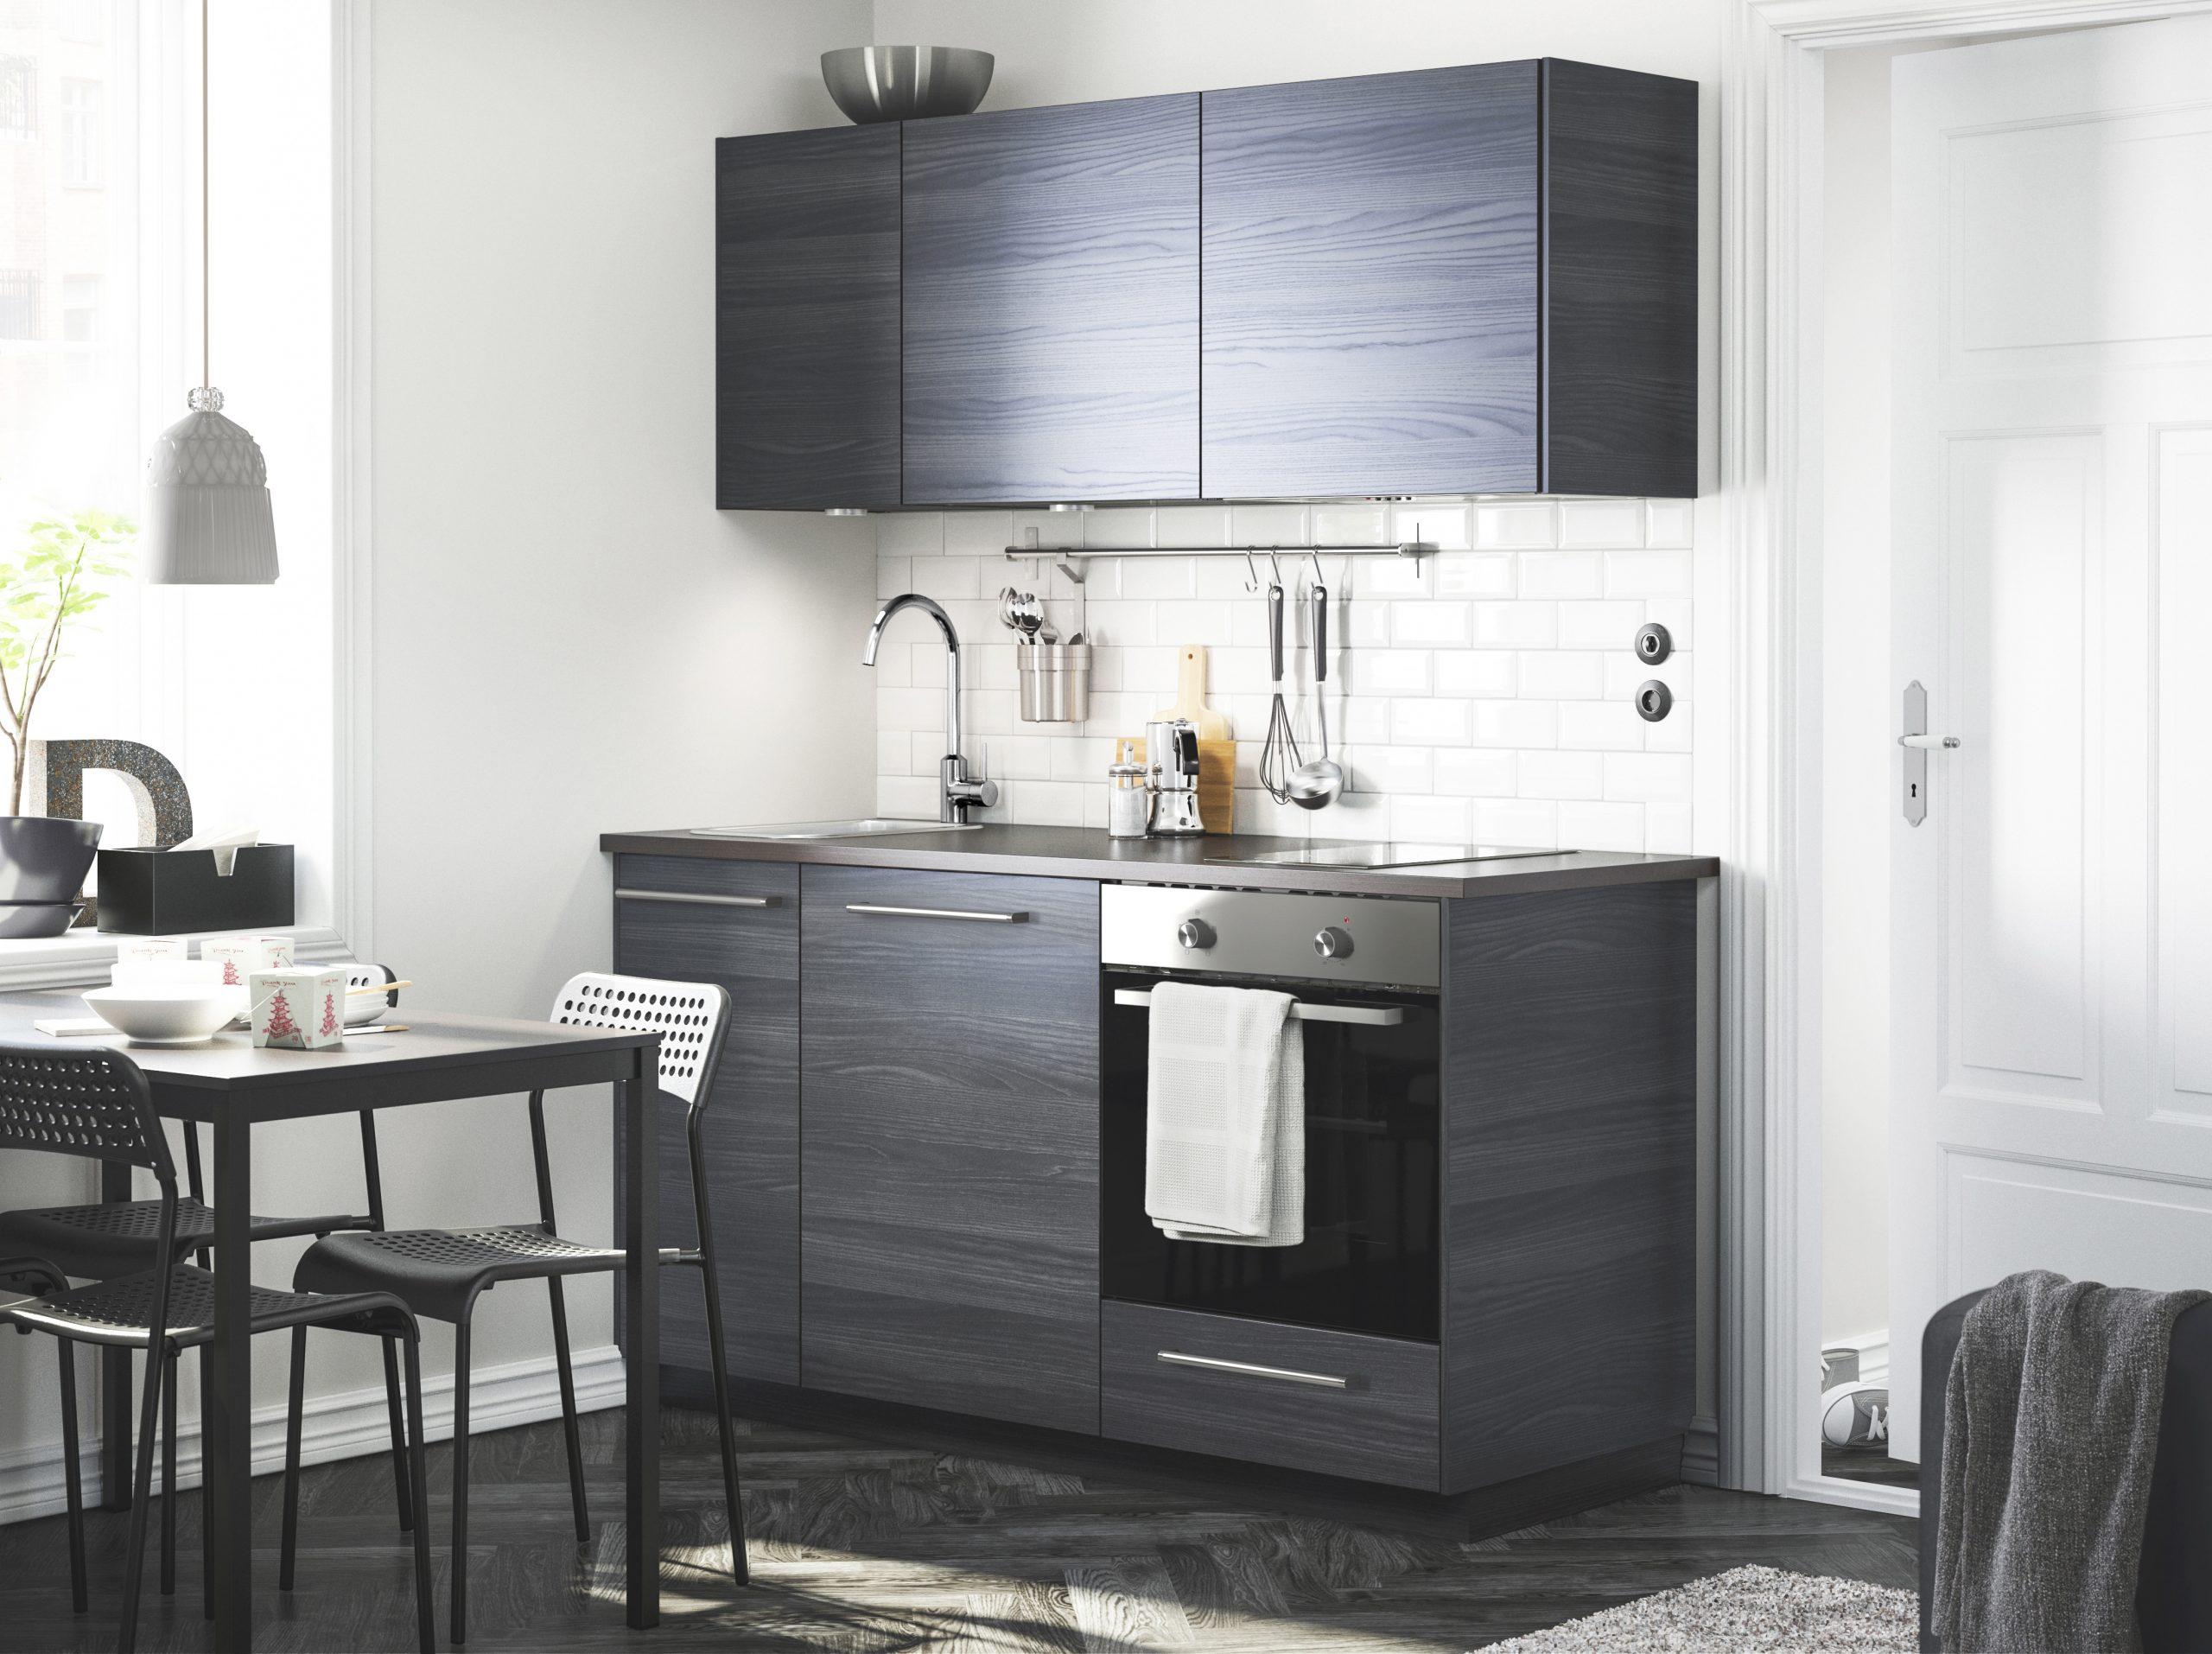 Full Size of Kleine Kchen Planen Gestalten Modulküche Wanddeko Küche Kaufen Mit Elektrogeräten Sitzecke Tresen Lüftung Ikea Outdoor Was Kostet Eine Neue Einrichten Küche Küche Planen Kostenlos